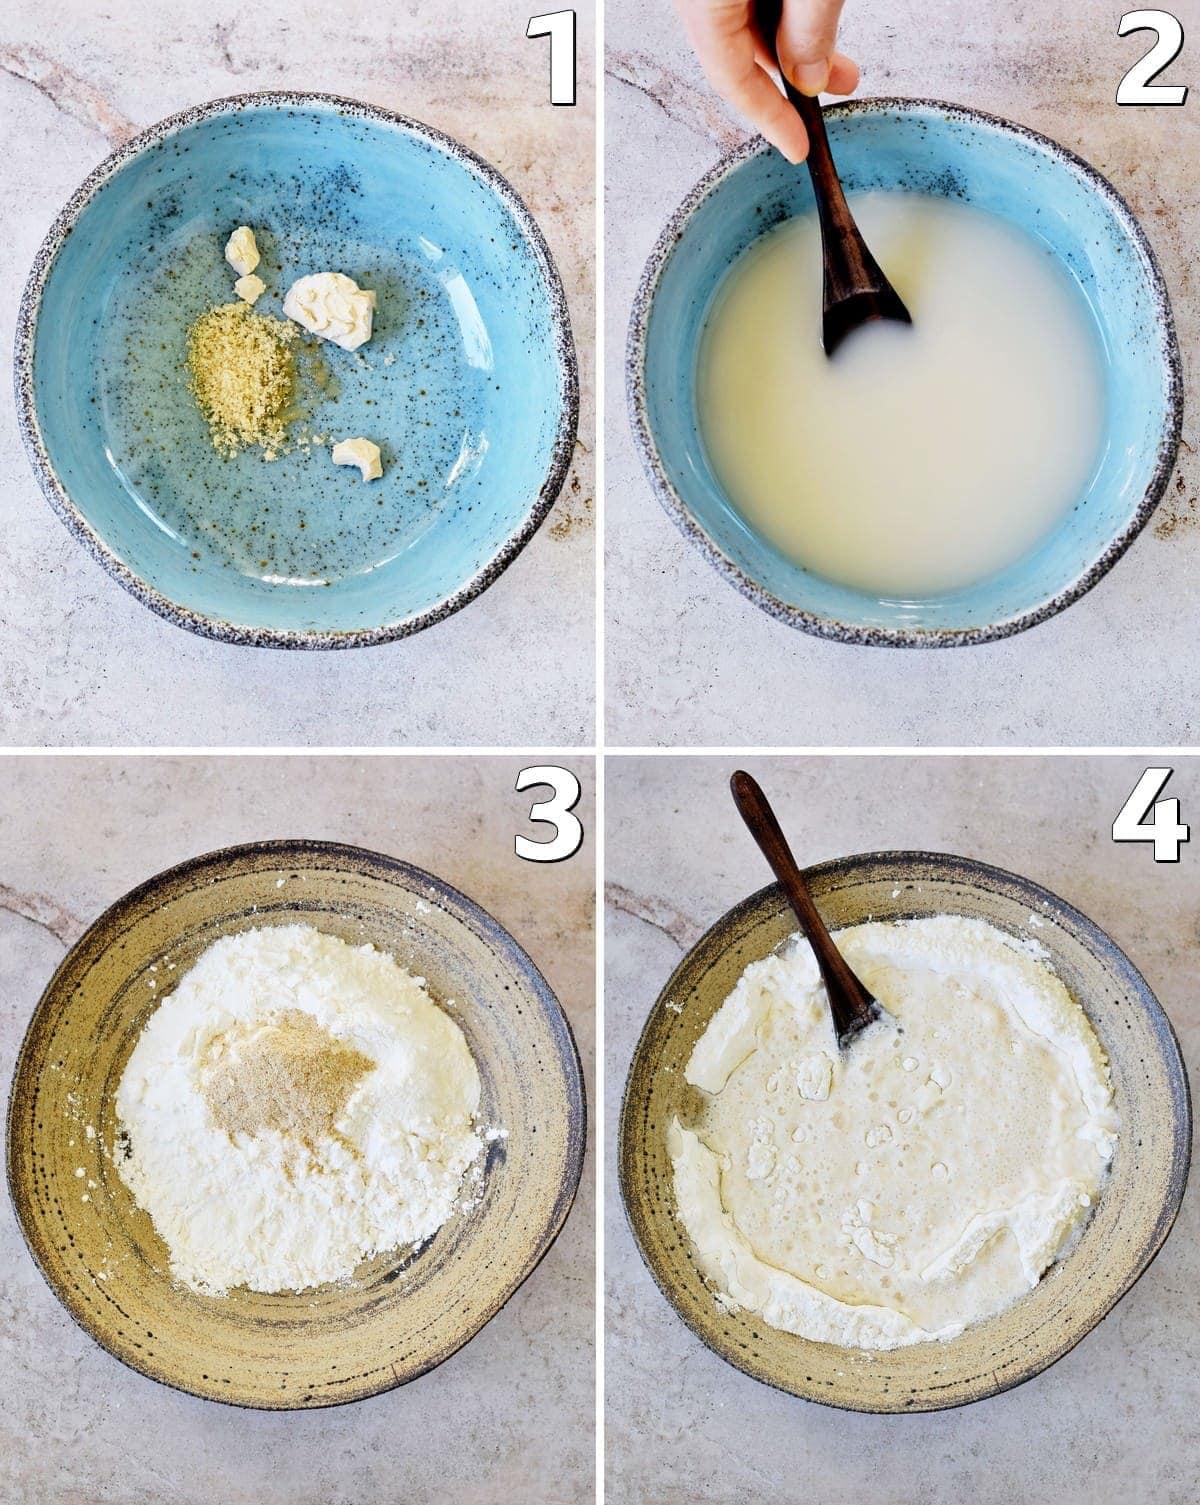 4 Schrittfotos von der Herstellung von Hefeteig